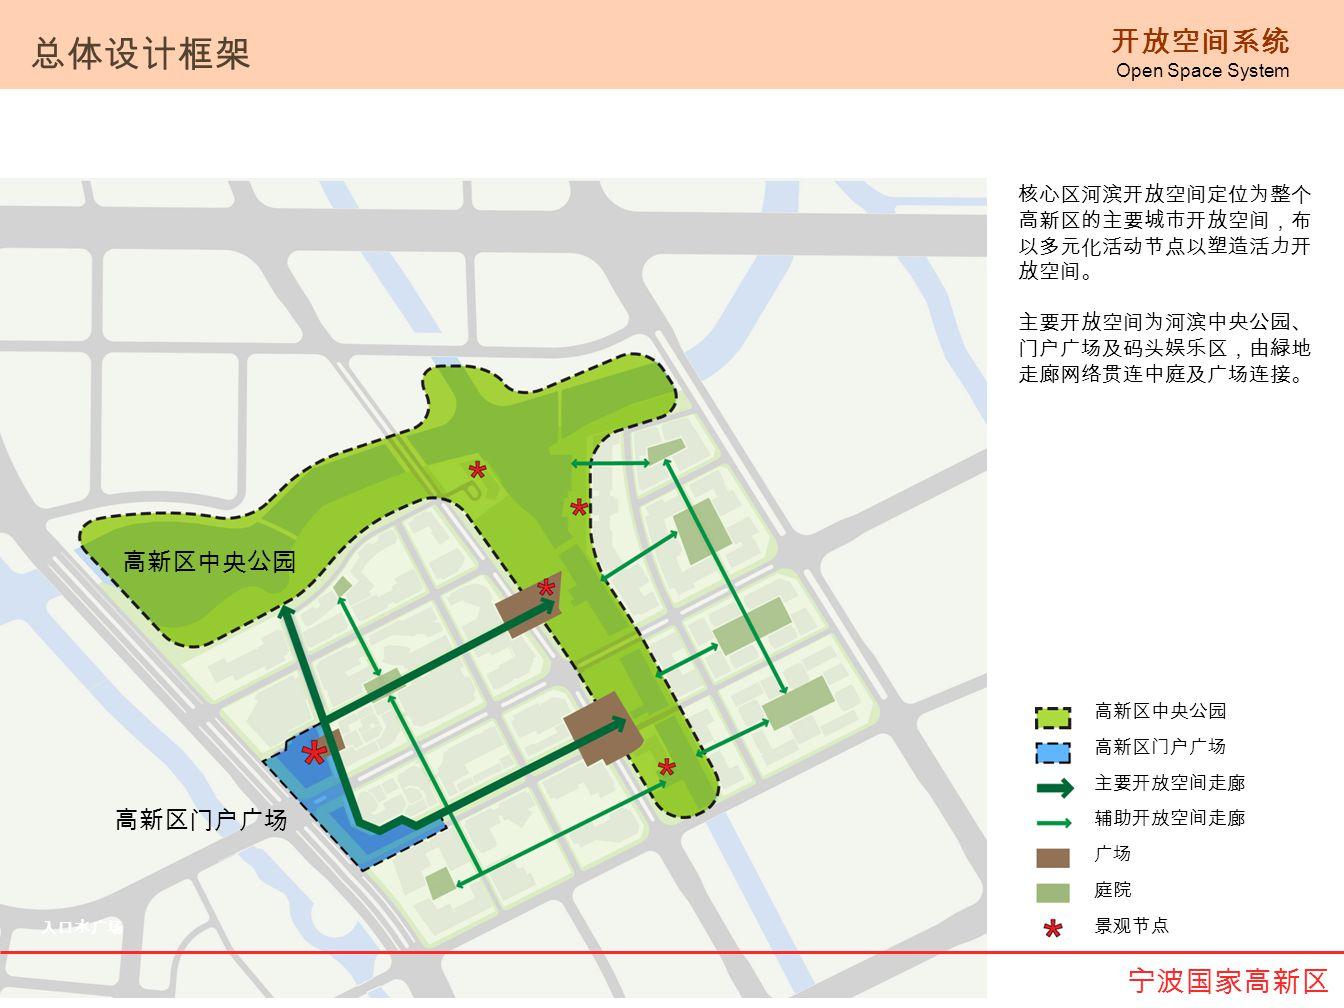 总体设计框架 开放空间系统 宁波国家高新区 高新区中央公园 高新区门户广场